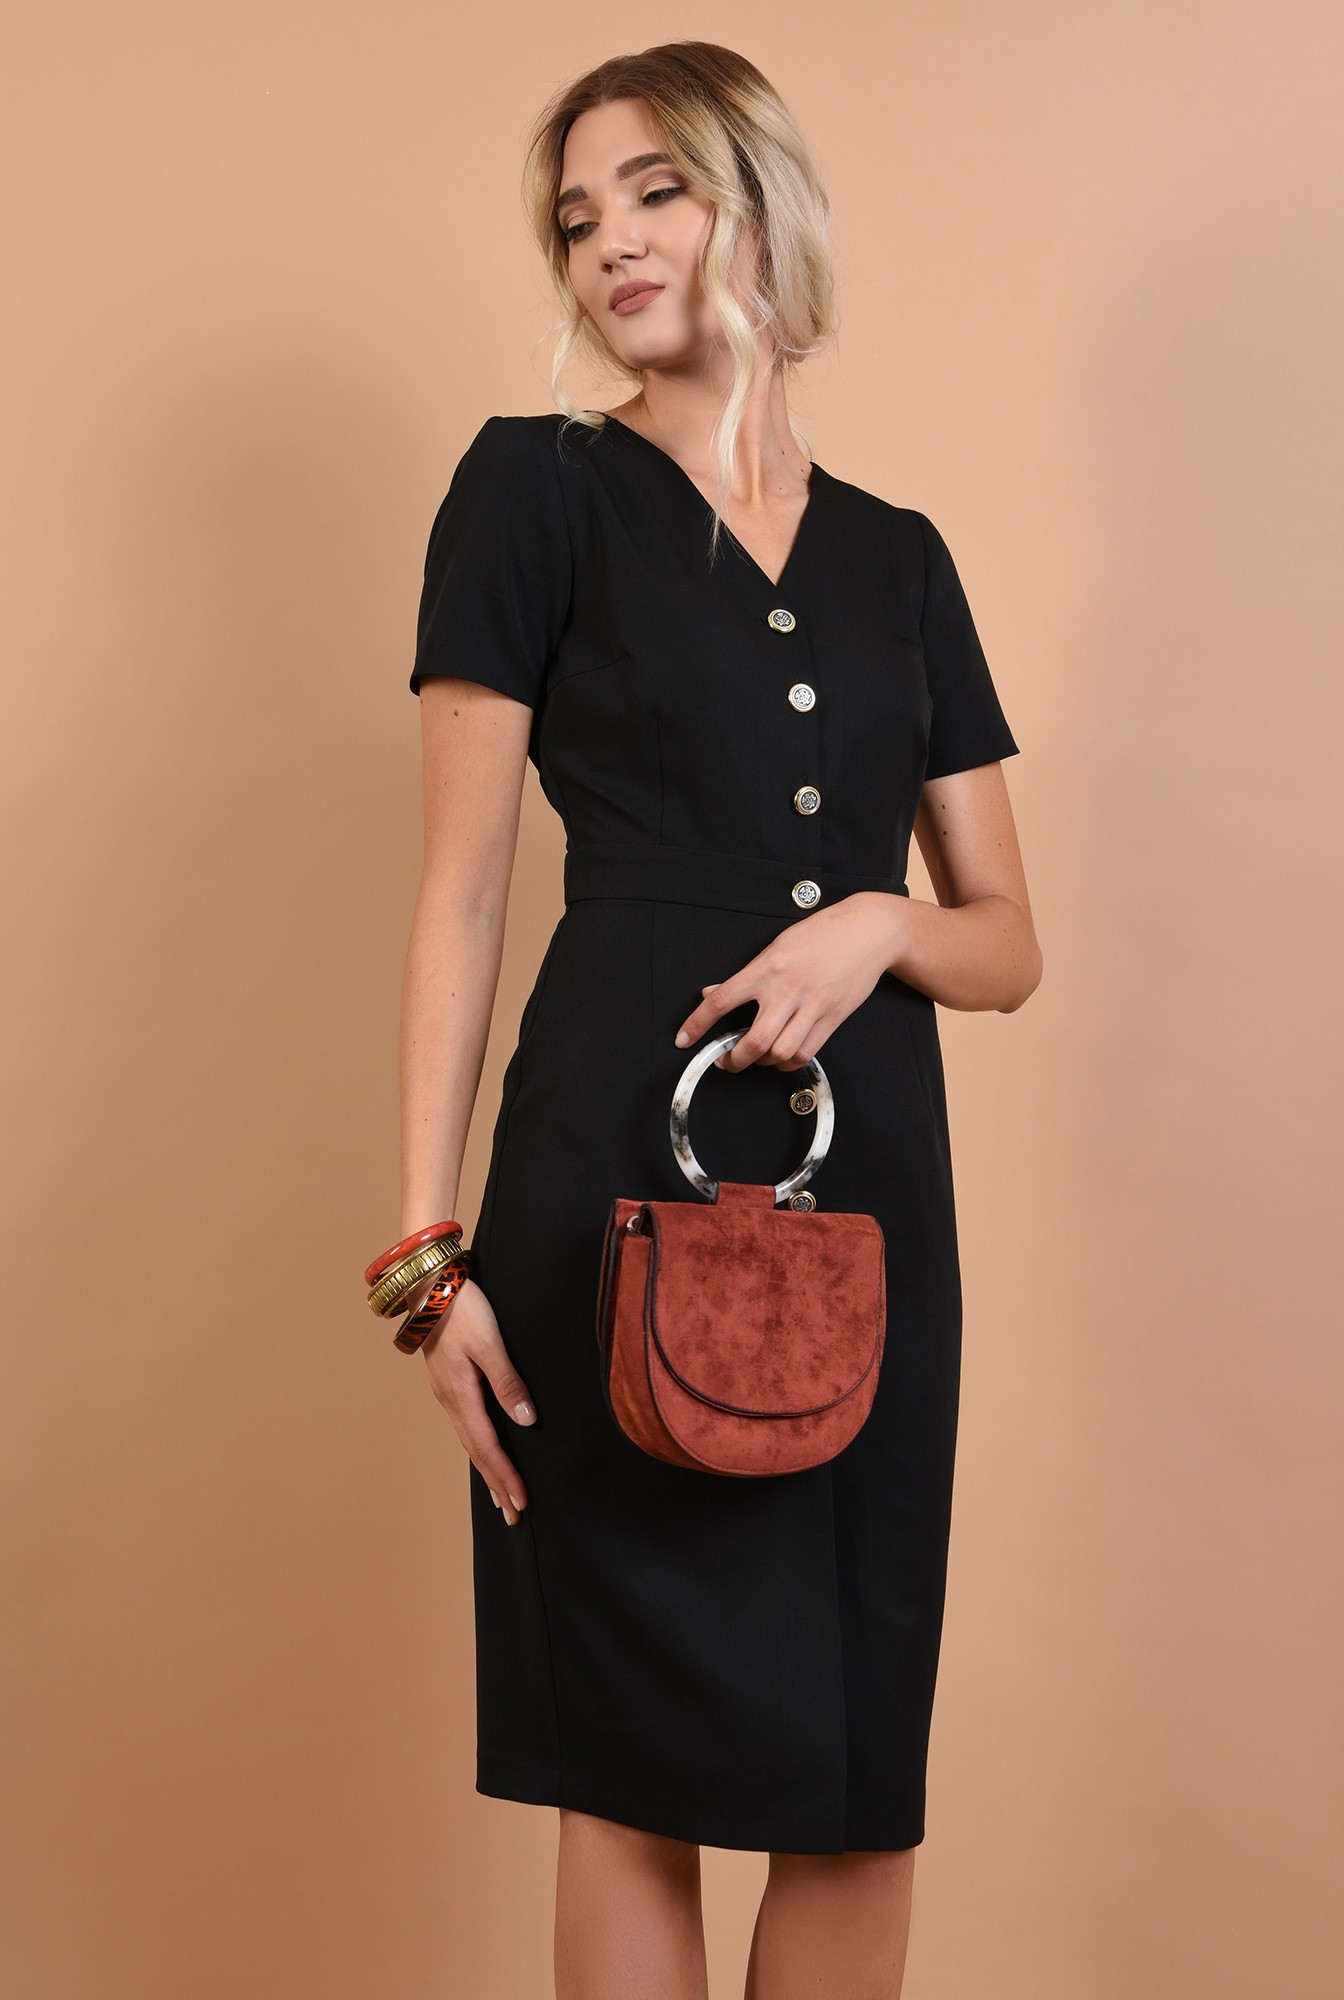 0 - 360 - rochie neagra, cu nasturi, anchior, maneci scurte, office